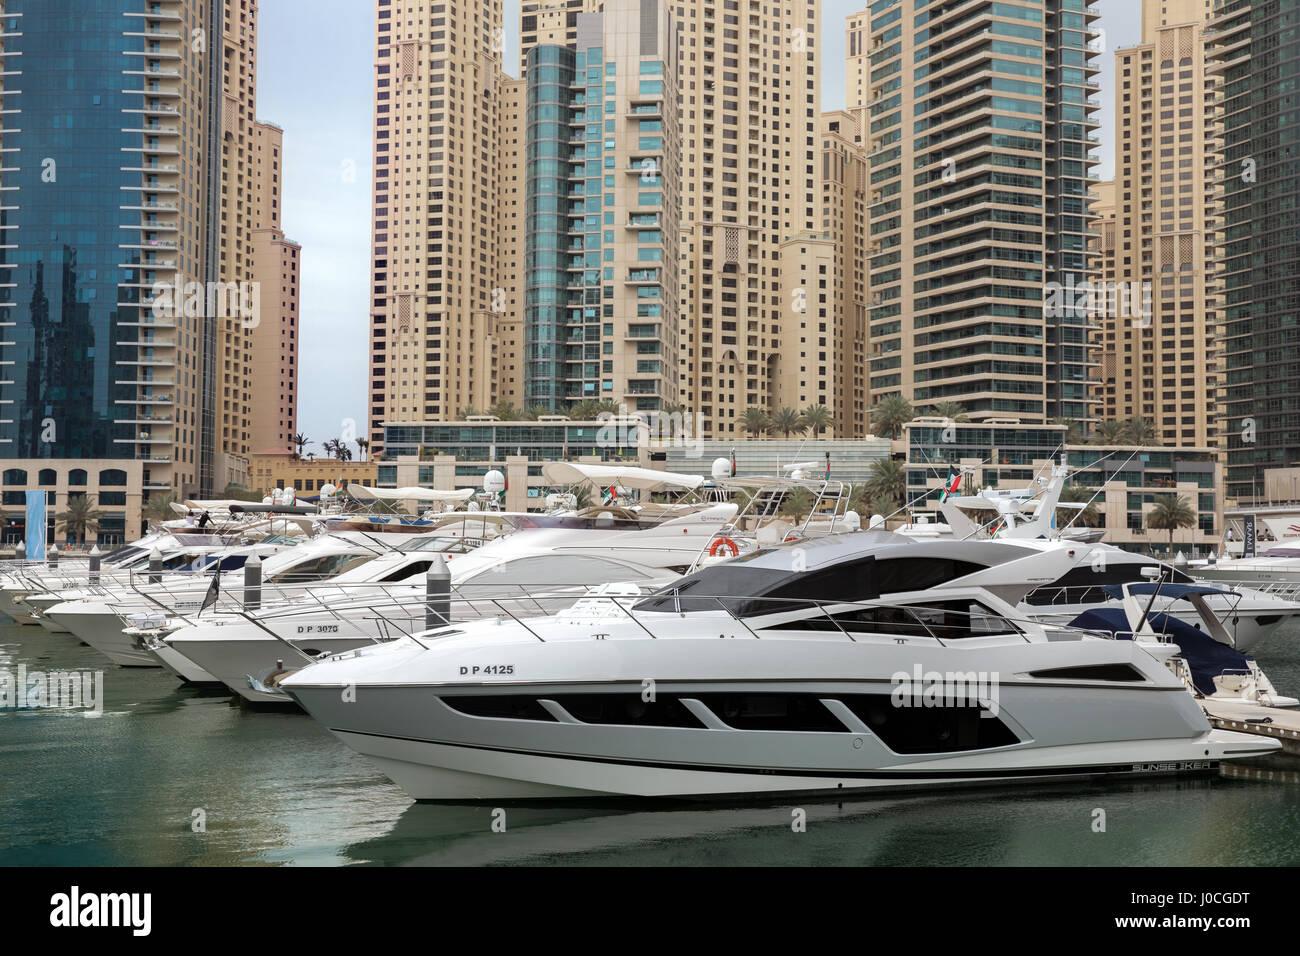 Dubai Marina, Dubai - Stock Image